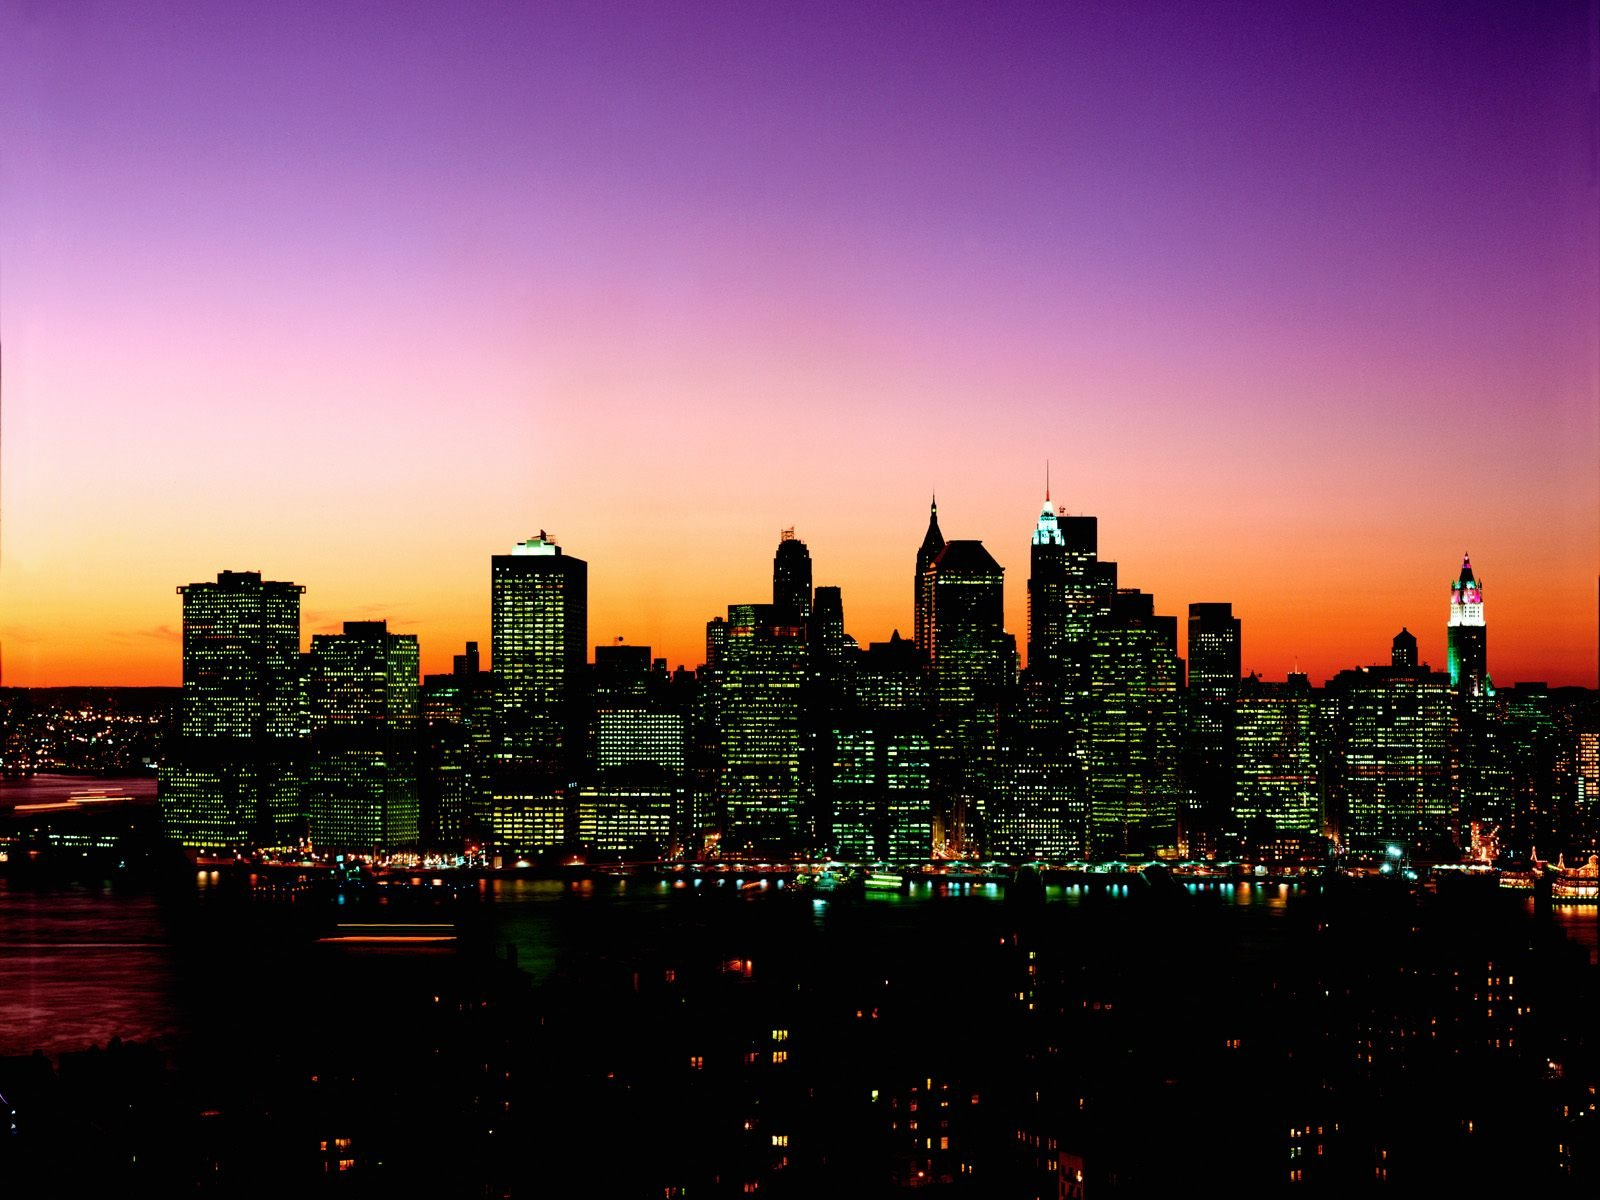 Sfondi per il tuo DesktopManhattan Skyline at Twilight New York 1600x1200